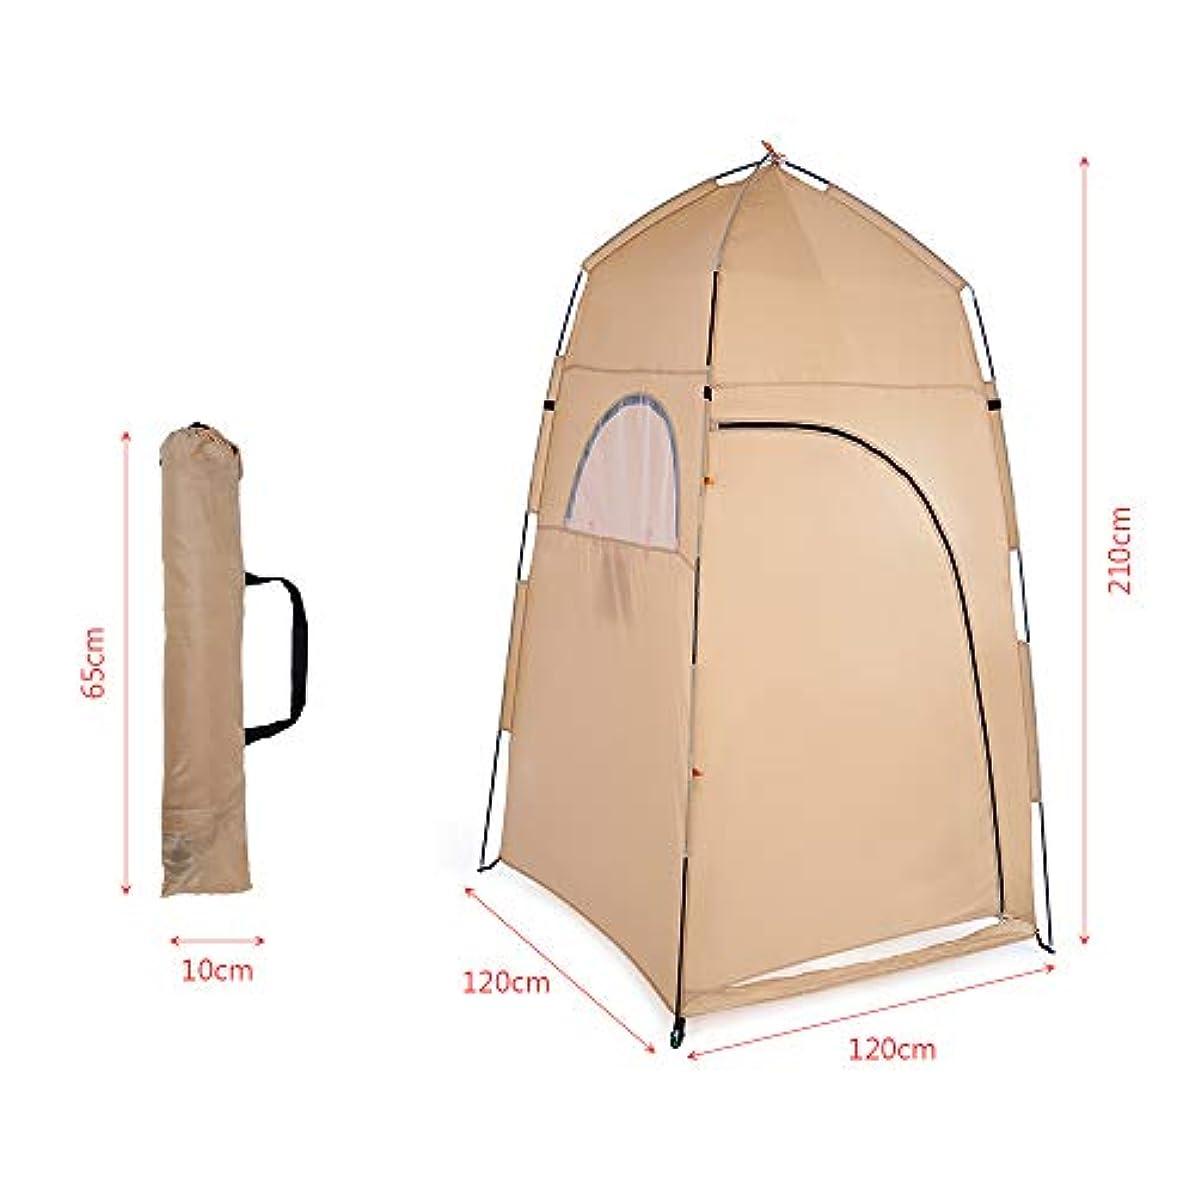 出演者侵入する映画屋外テント、ポータブルシャワー風呂テントの試着室のテントの避難所キャンプビーチプライバシートイレテント(120 * 120 * 210 cm)